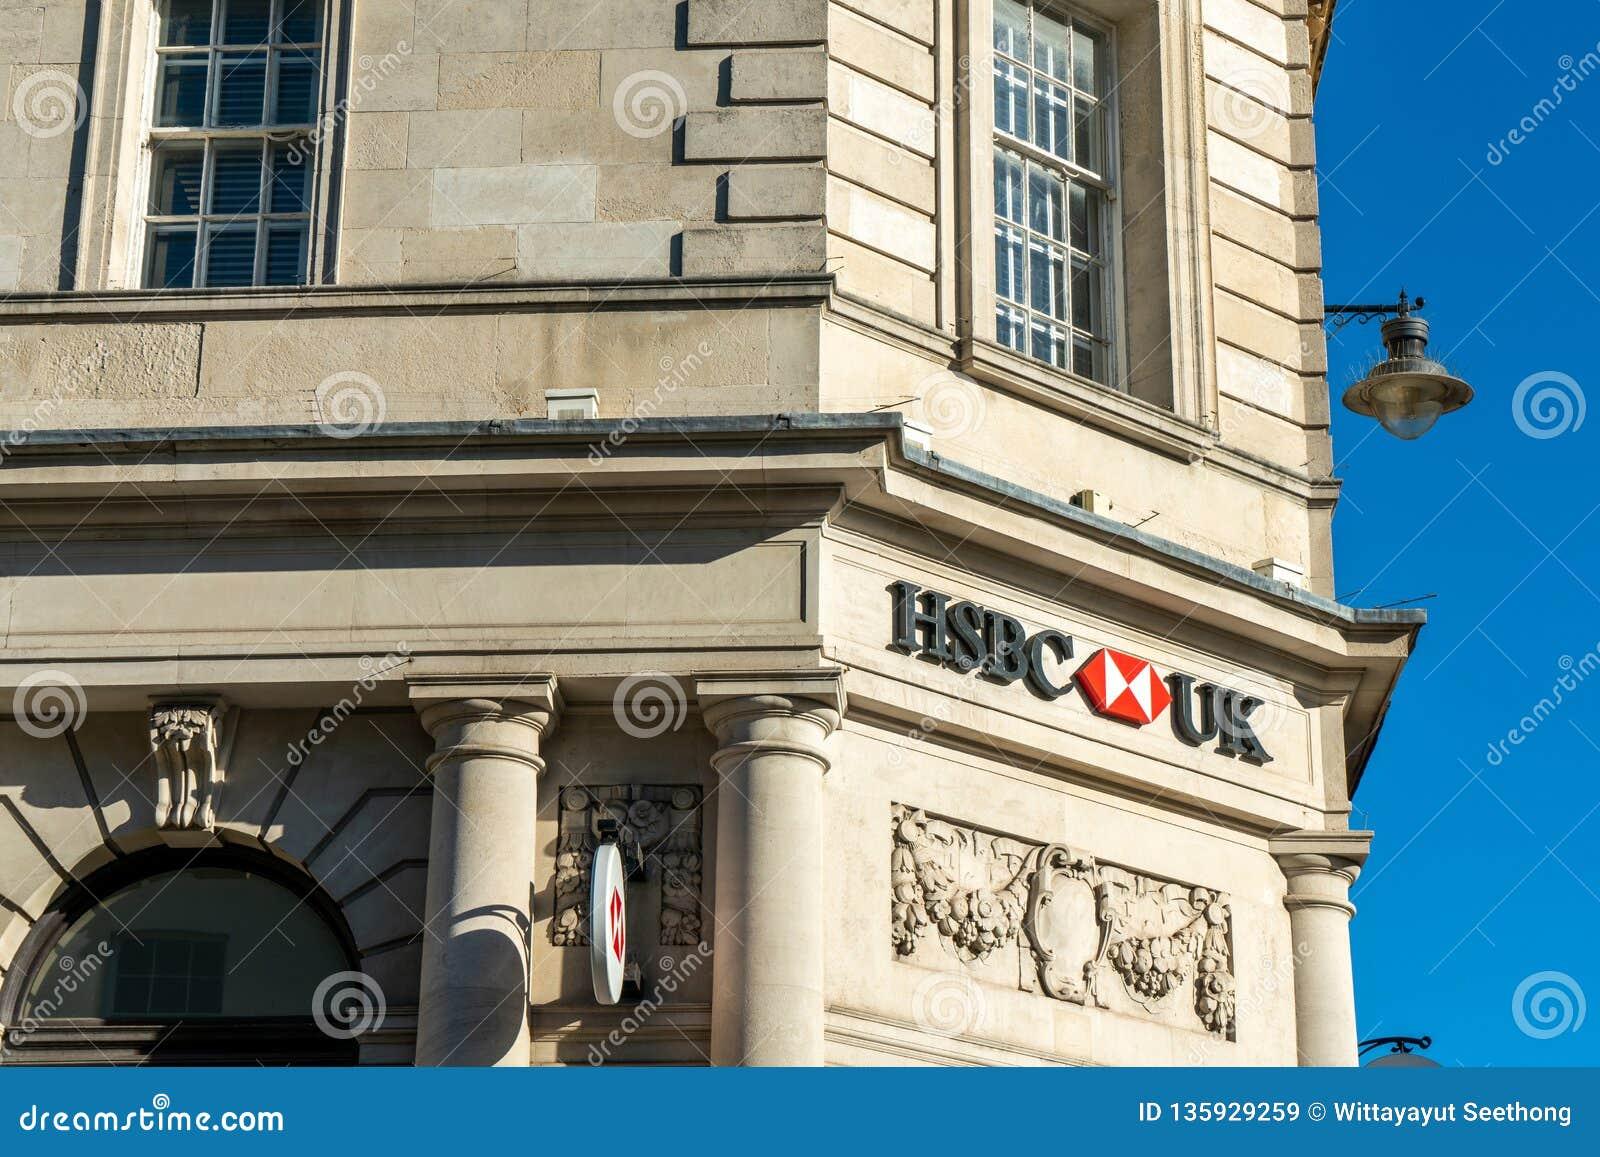 Brighton England-6 Oktober, 2018: Den HSBC banken undertecknar in ingången av kontoret för den HSBC bankfilialen i stadsstaden av